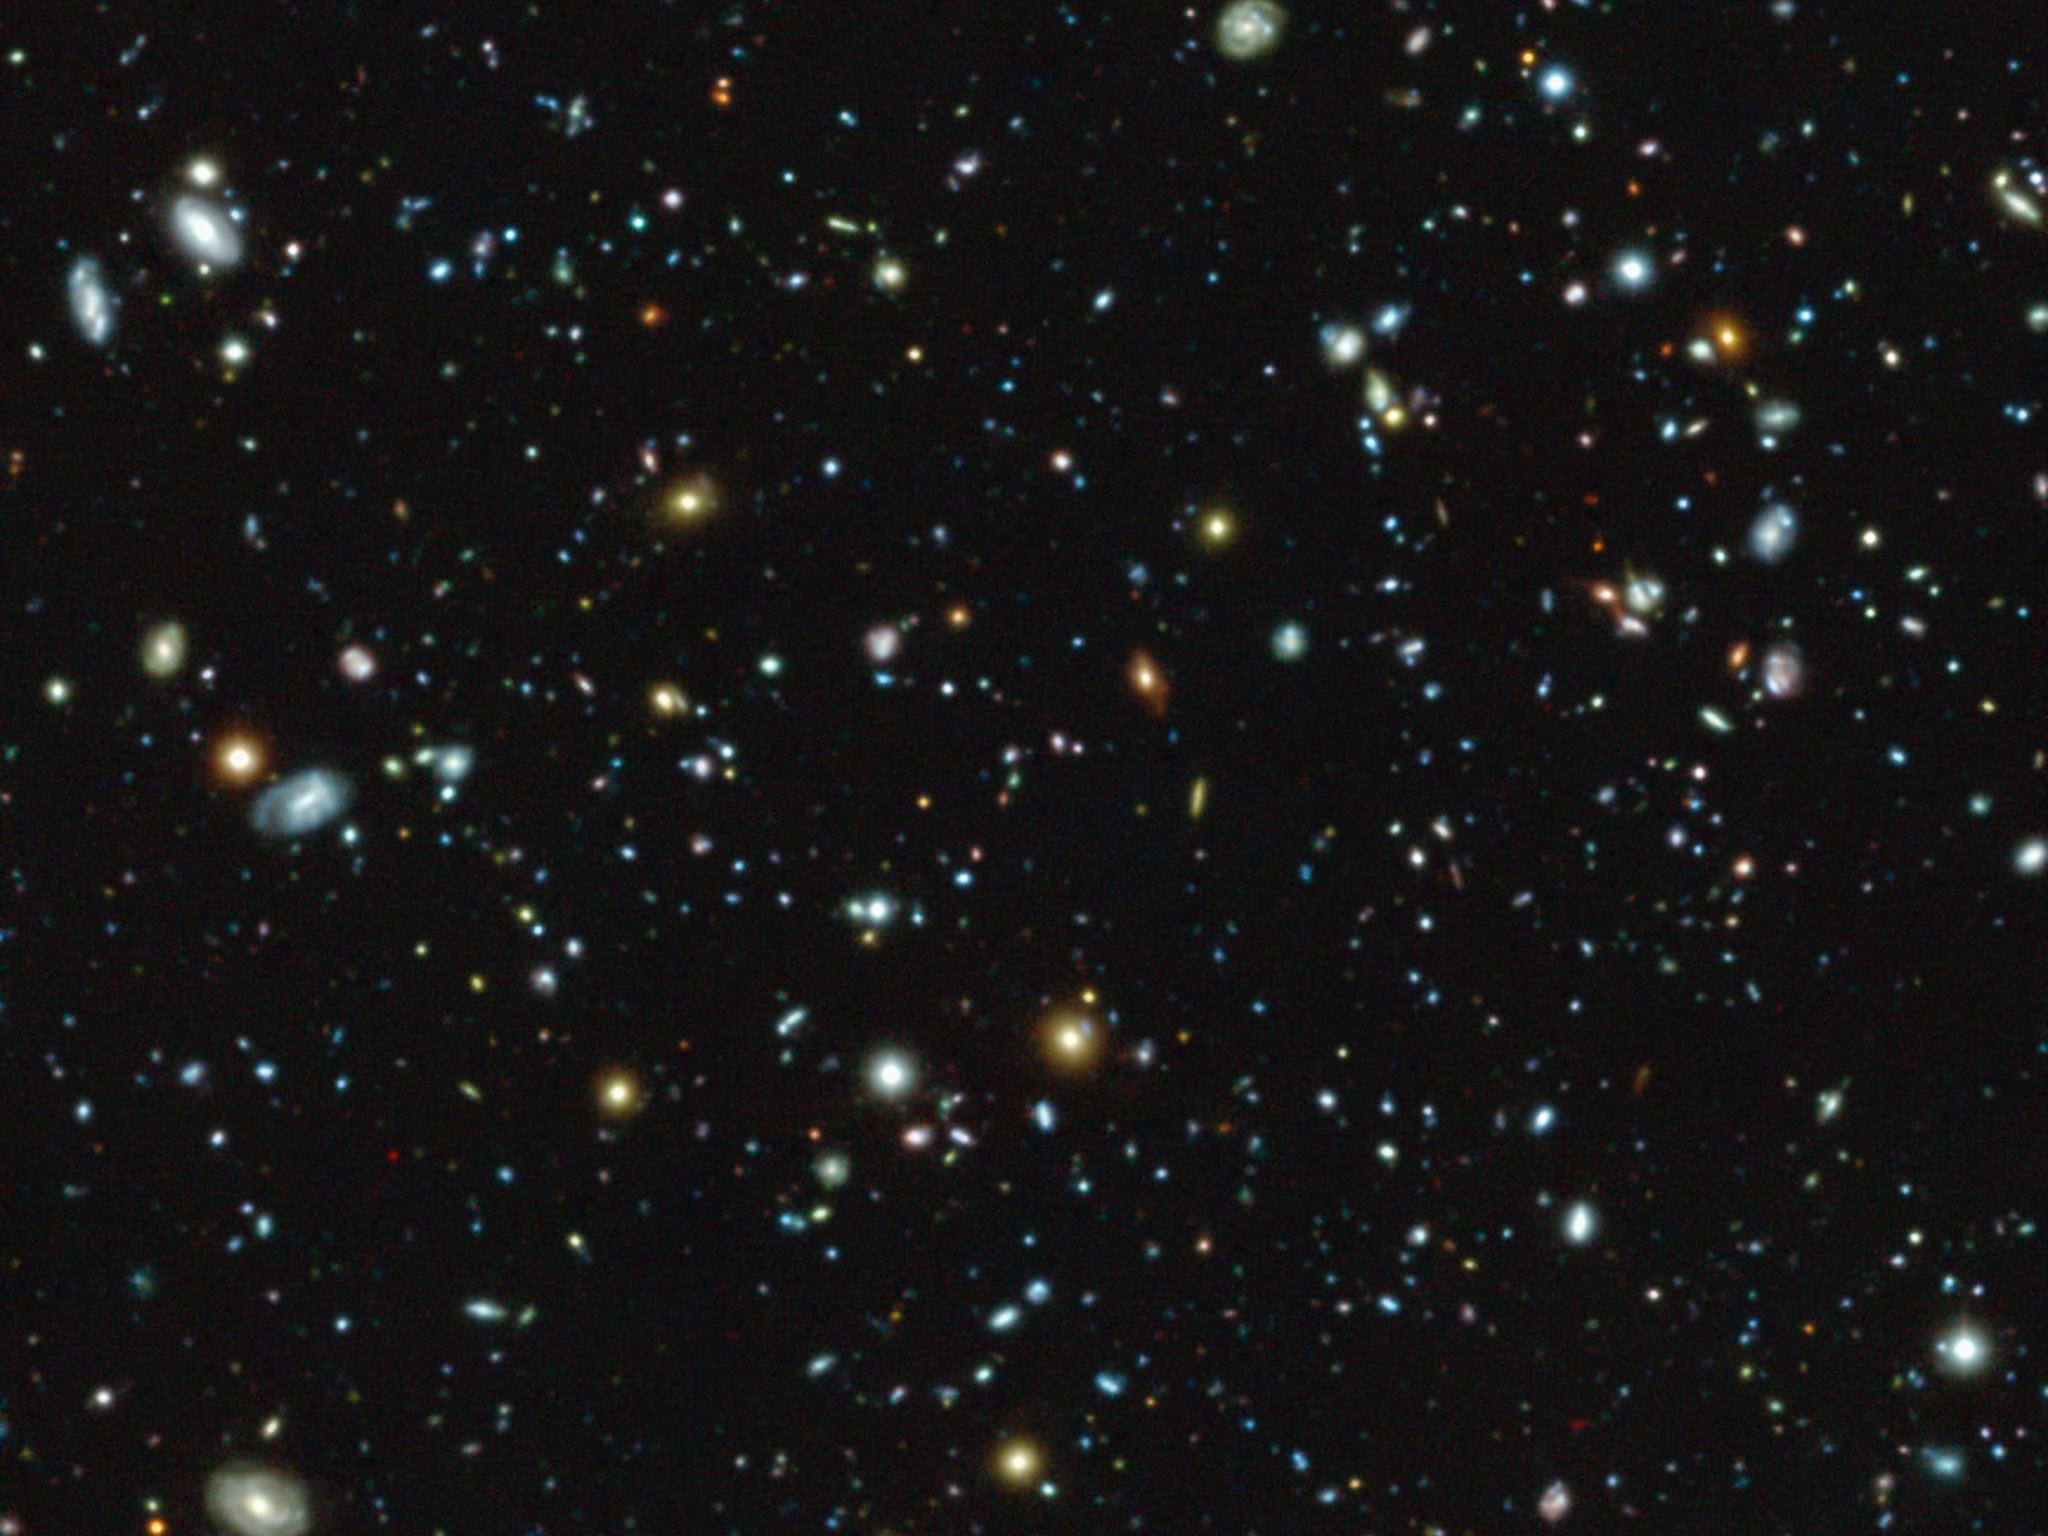 hubble ultra deep field youtube - HD2048×1536